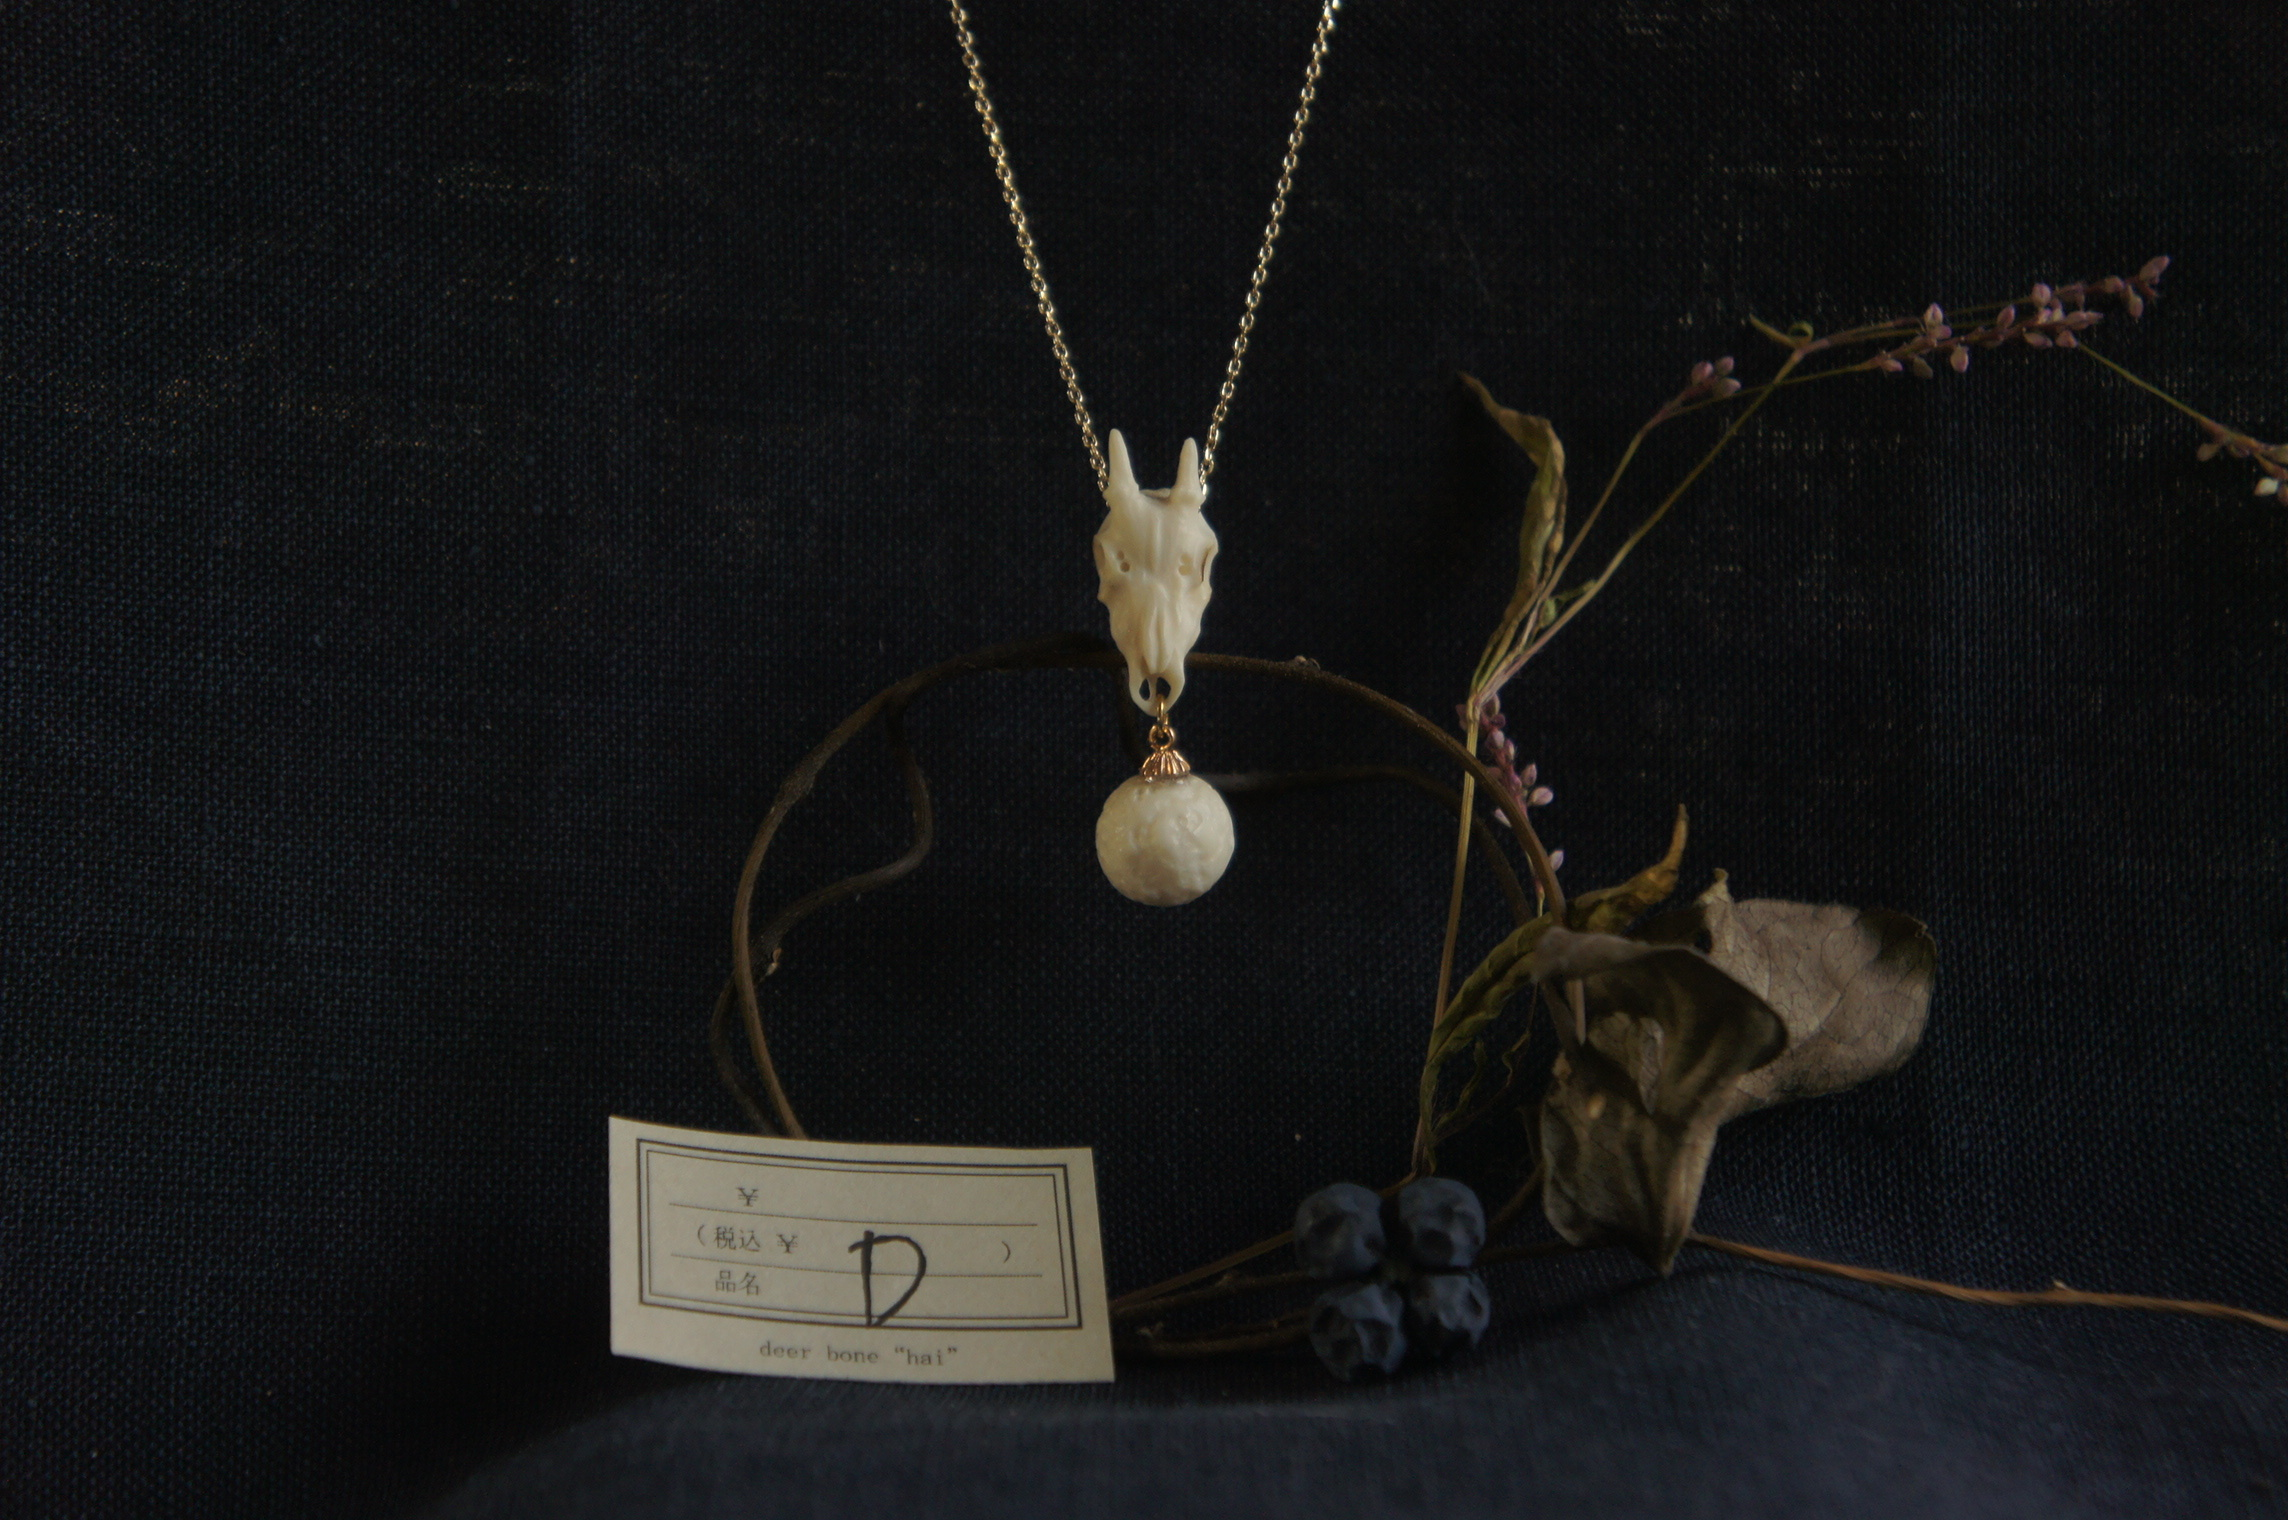 【D】鹿角彫刻の小さい月「月齢・月の子」(鹿頭骨と月のネックレス)